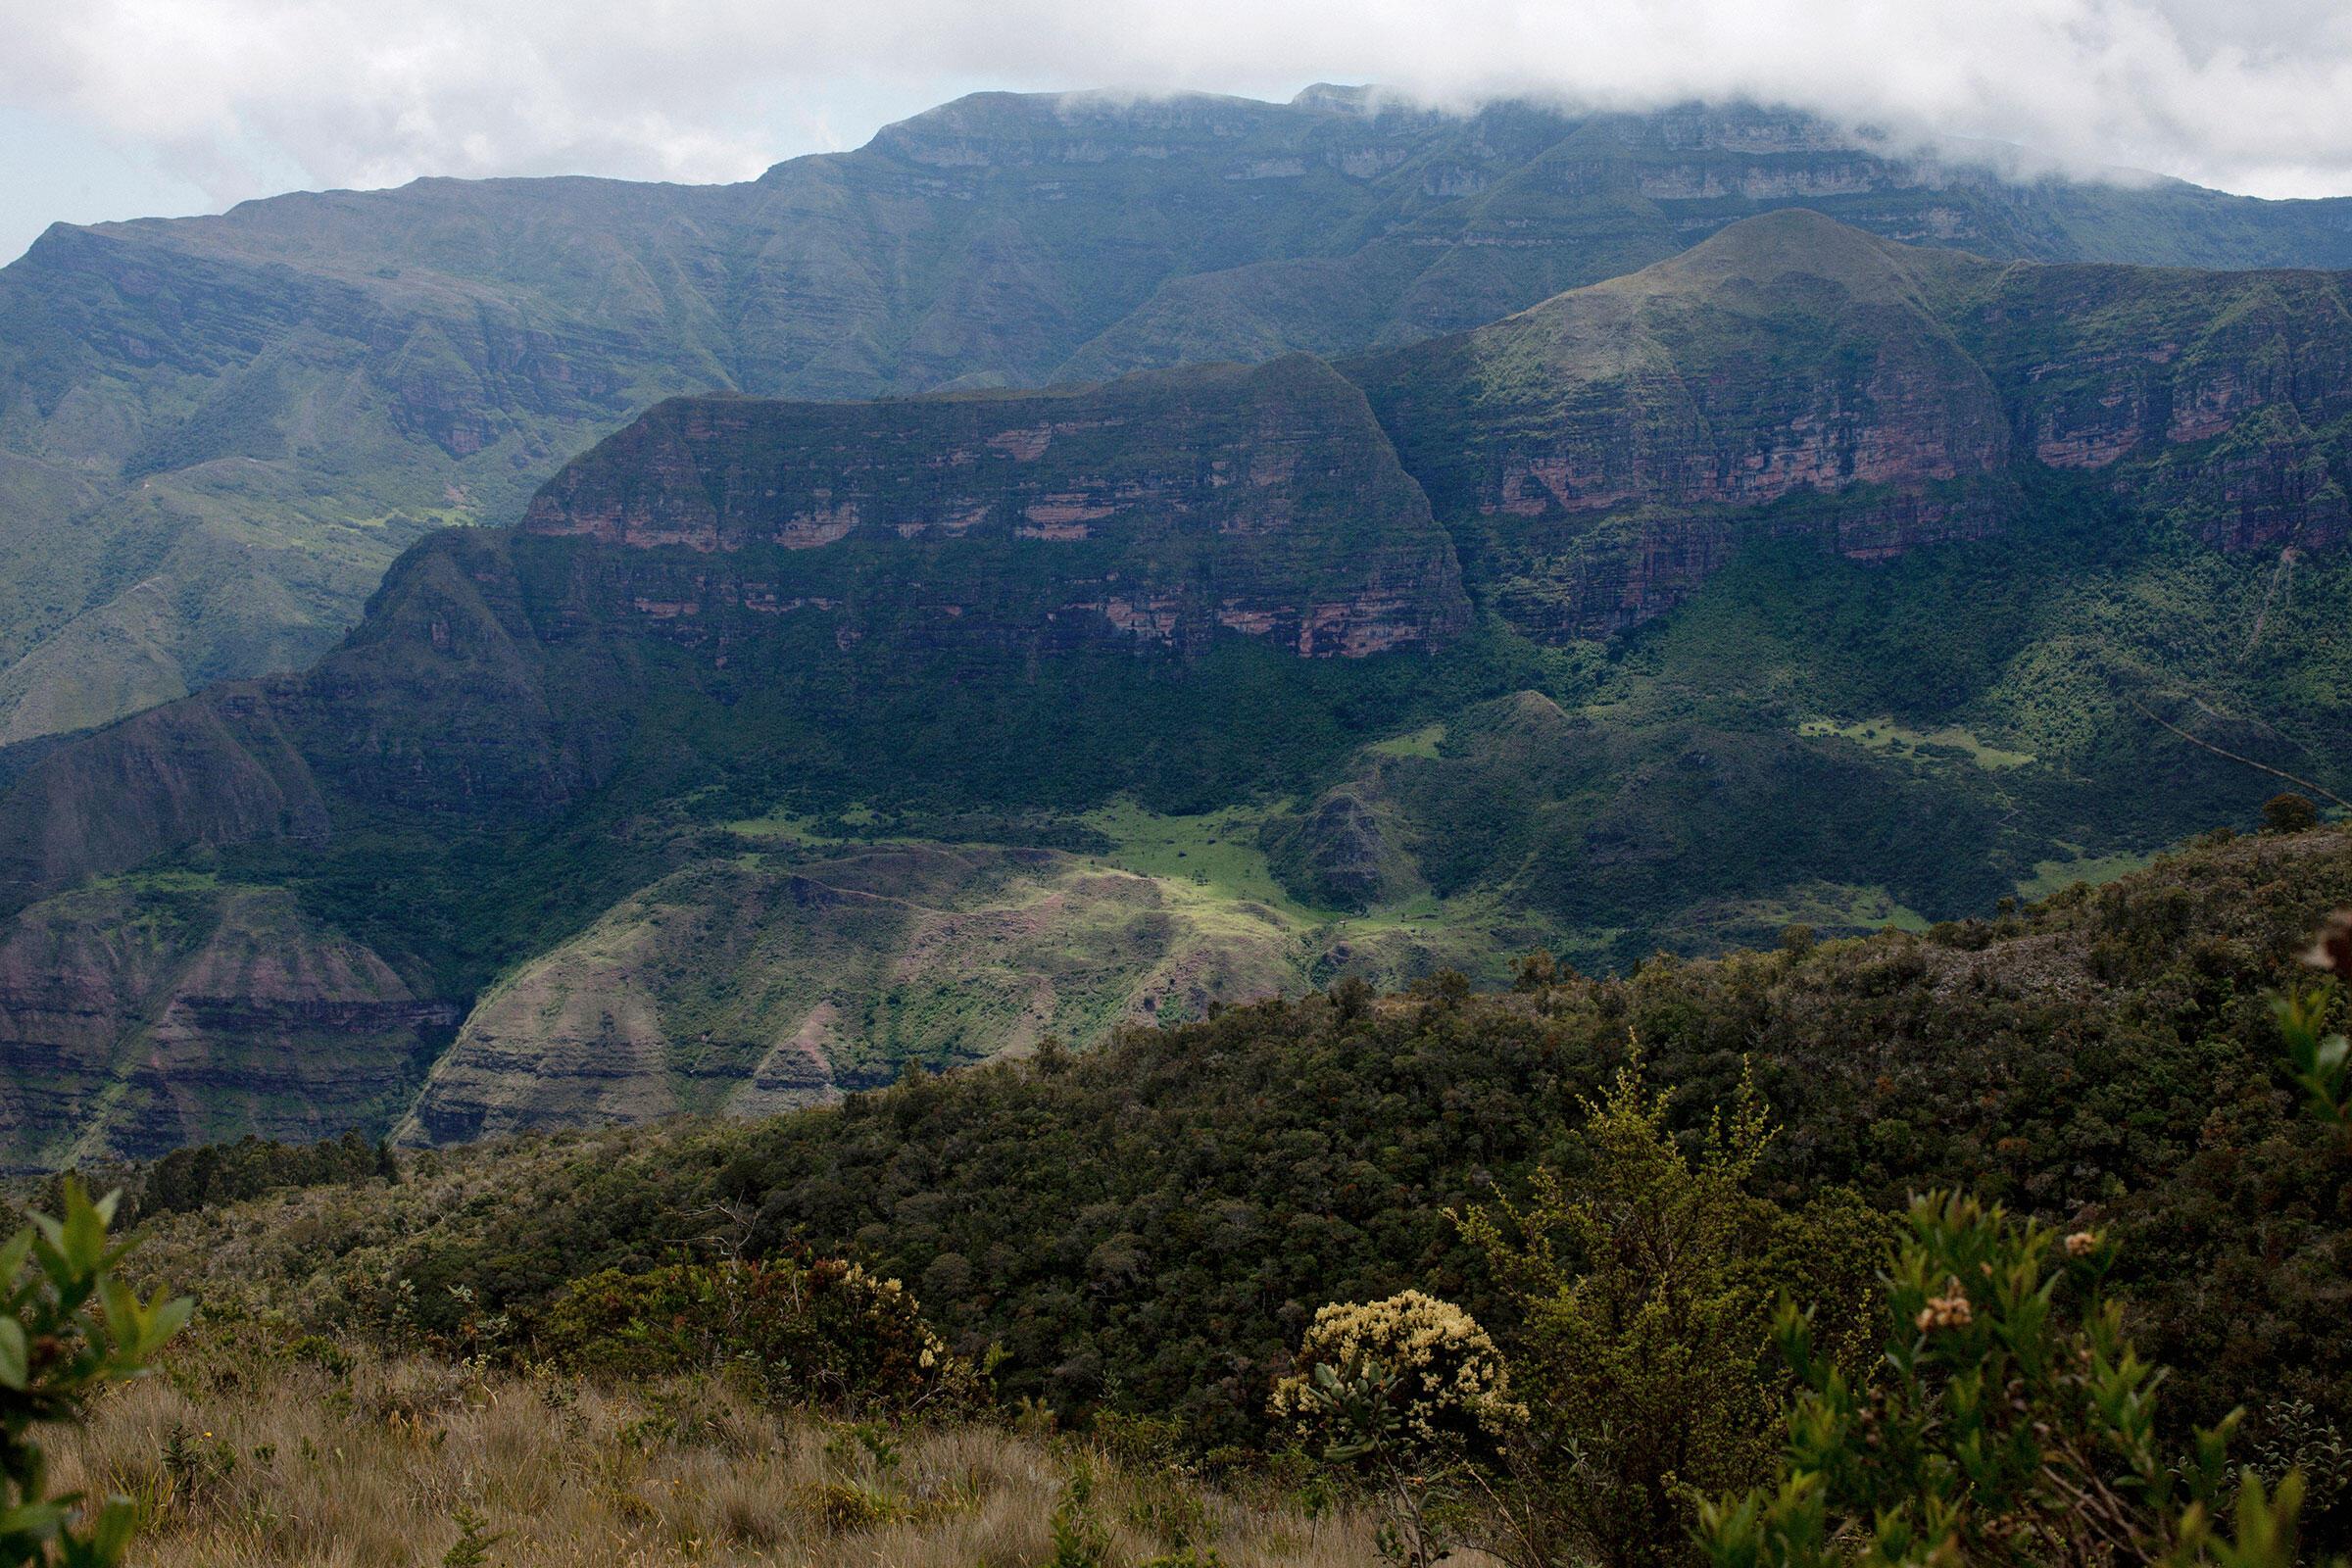 Una vista parcial del Cerro Pintado desde el páramo de la Serranía de Perijá. Carlos Villalón